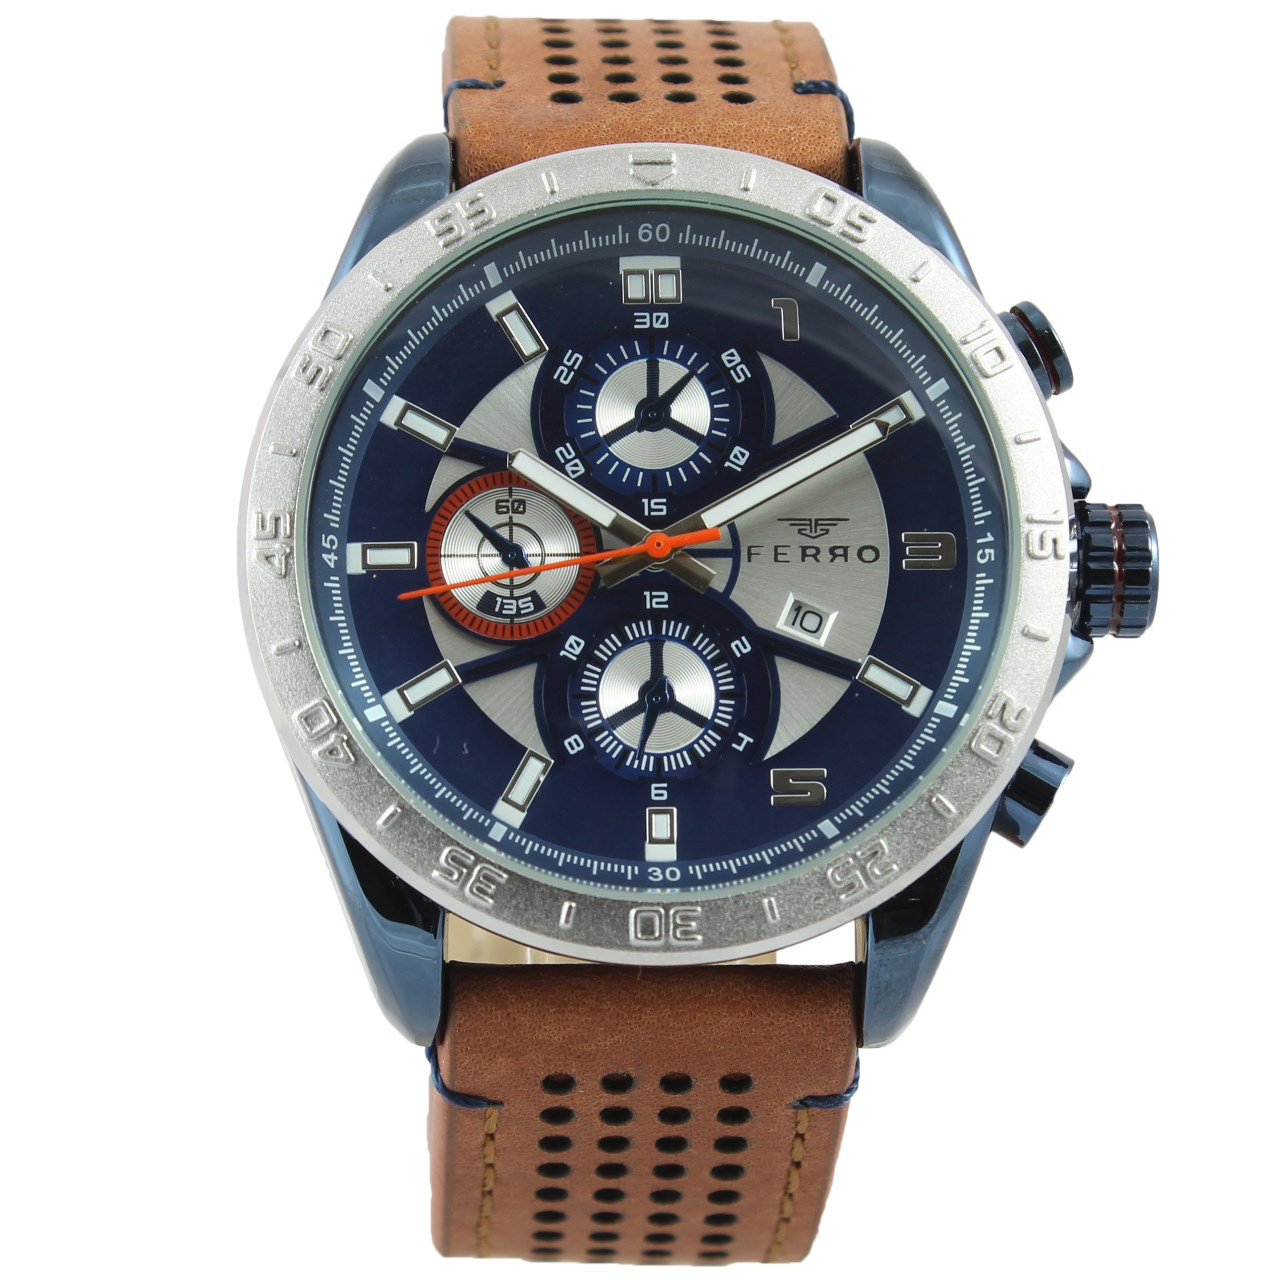 ساعت مچی عقربه ای مردانه فرو مدل F61540-543-L